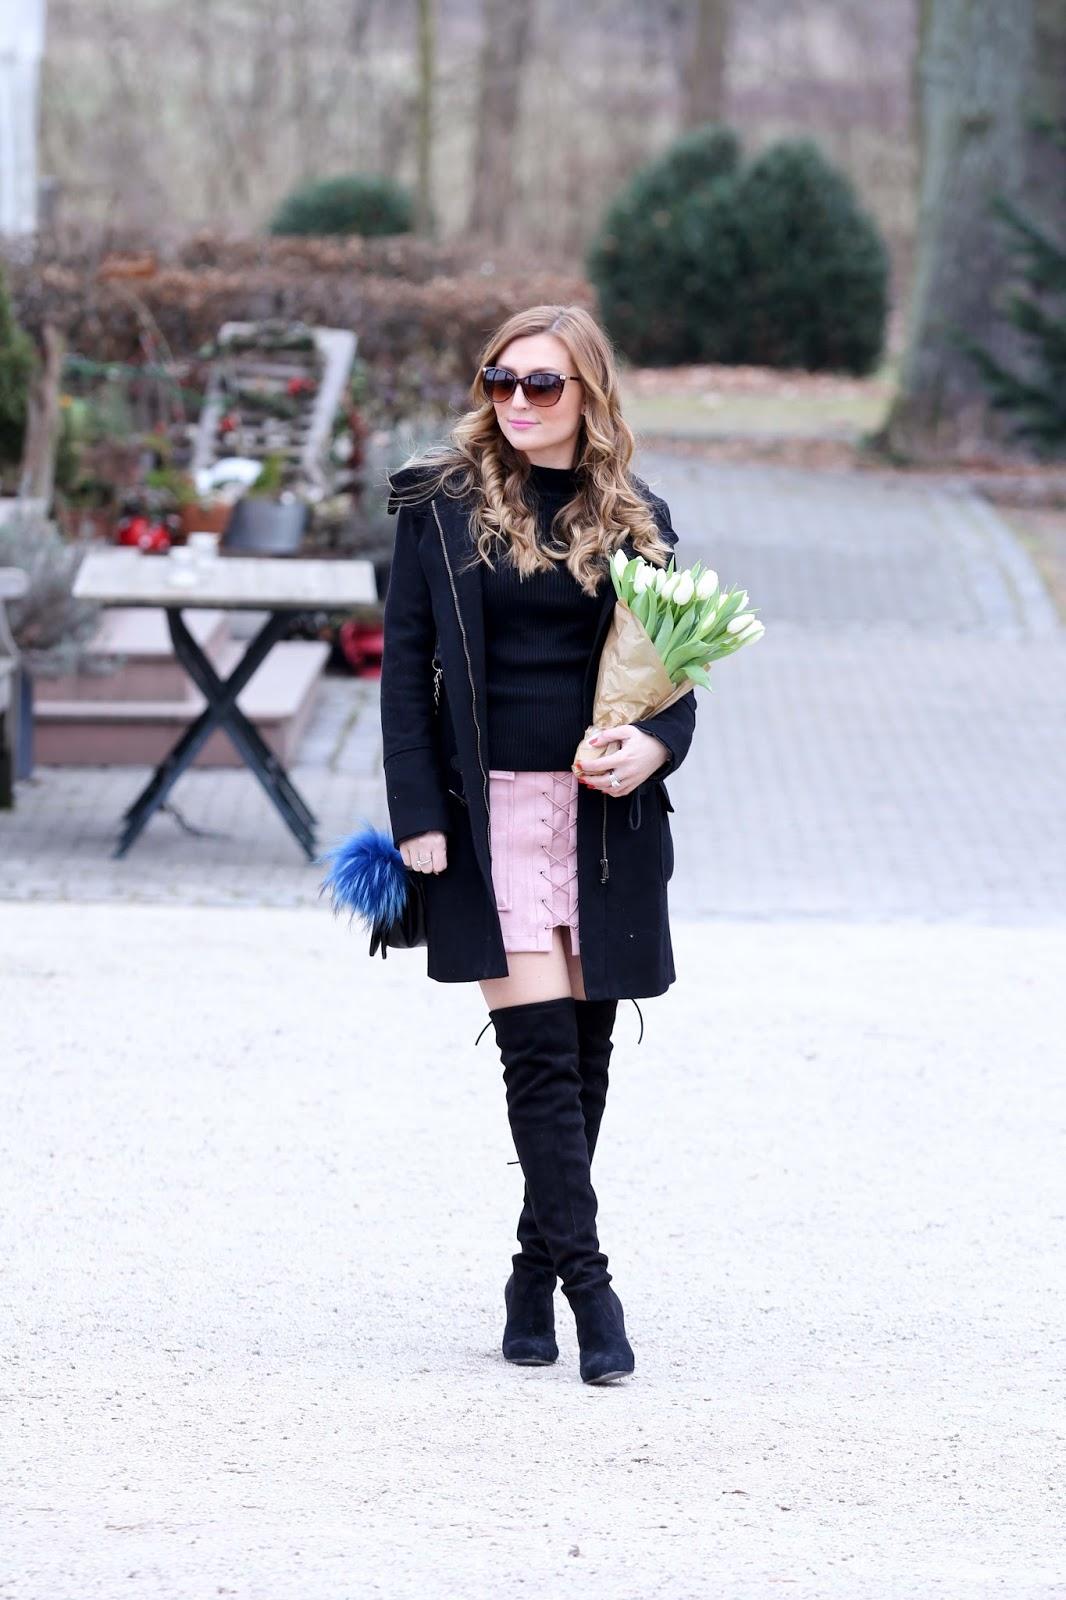 Schwarze-Overknees-Rosa-Rock-wildleder-Rock-Deutsche-Fashionblogger-Fashionblogger-aus-Deutschland-Fashionstylebyjohanna